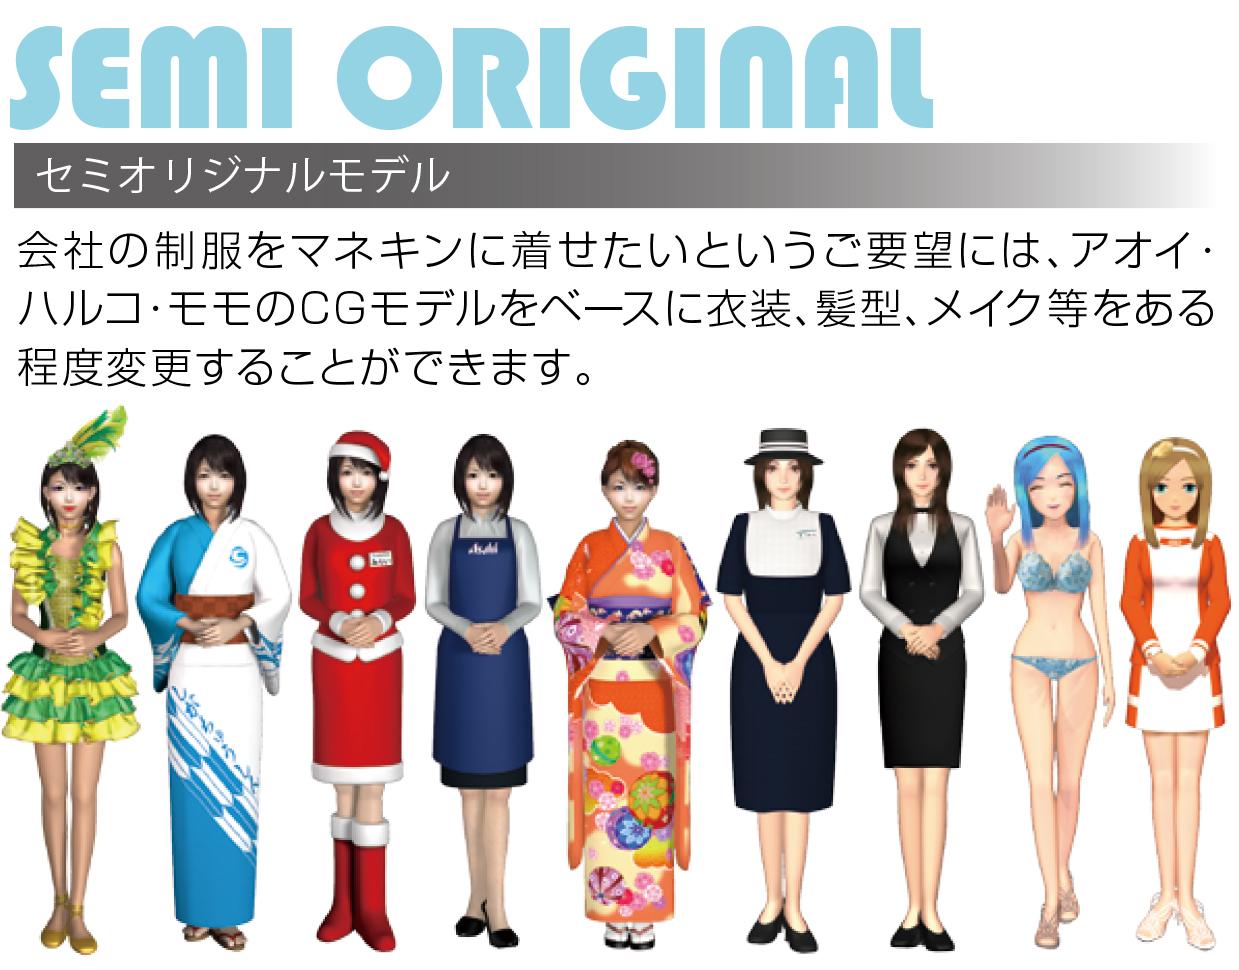 SEMI ORIGINAL セミオリジナルモデル 会社の制服をマネキンに着せたいというご要望には、アオイ・ハルコ・モモのCGモデルをベースに衣装、髪型、メイク等をある程度変更することができます。